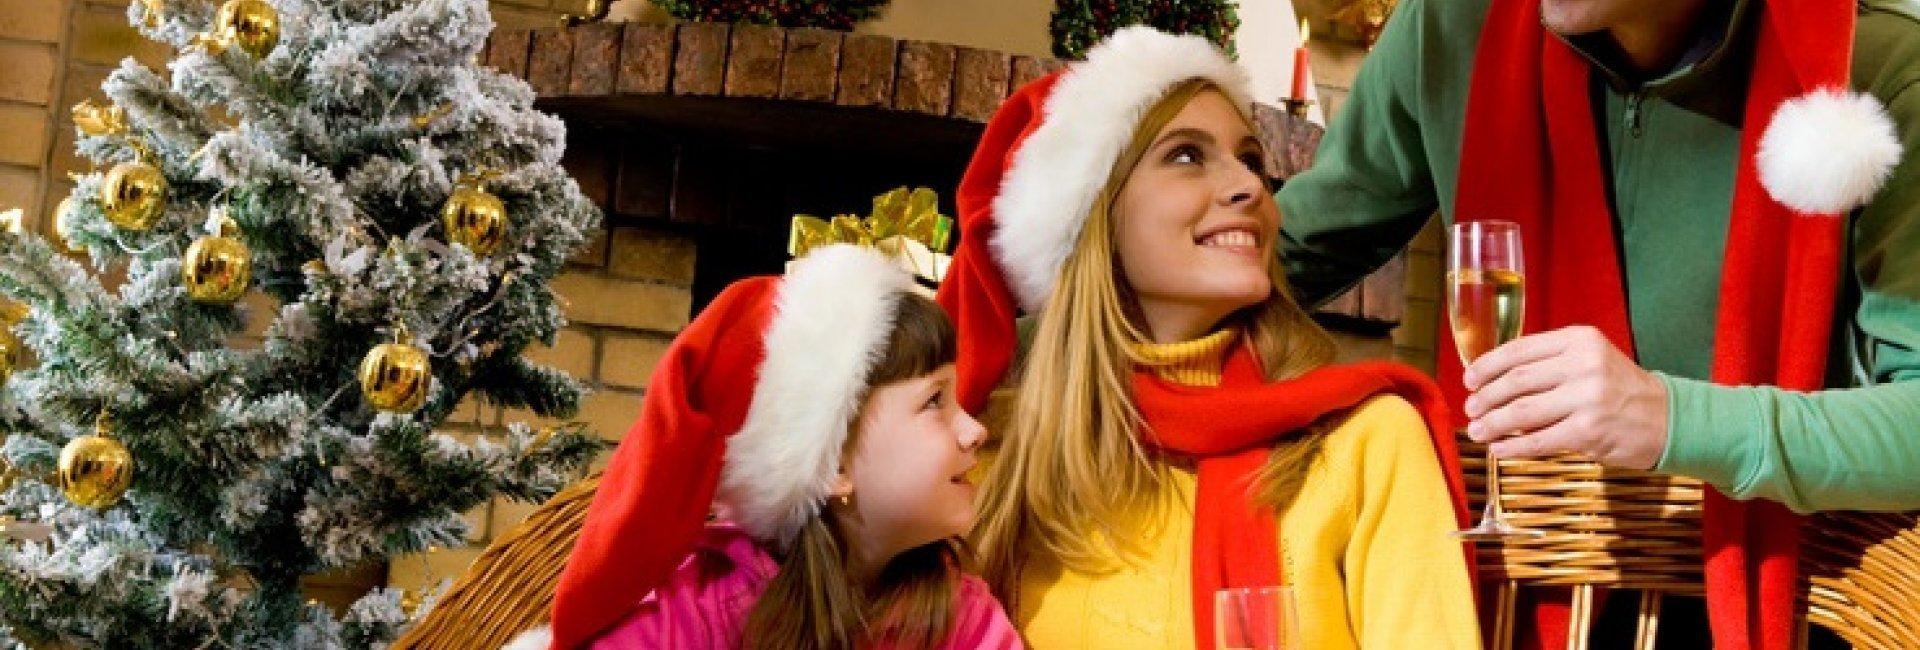 Boże Narodzenie -15% last minute